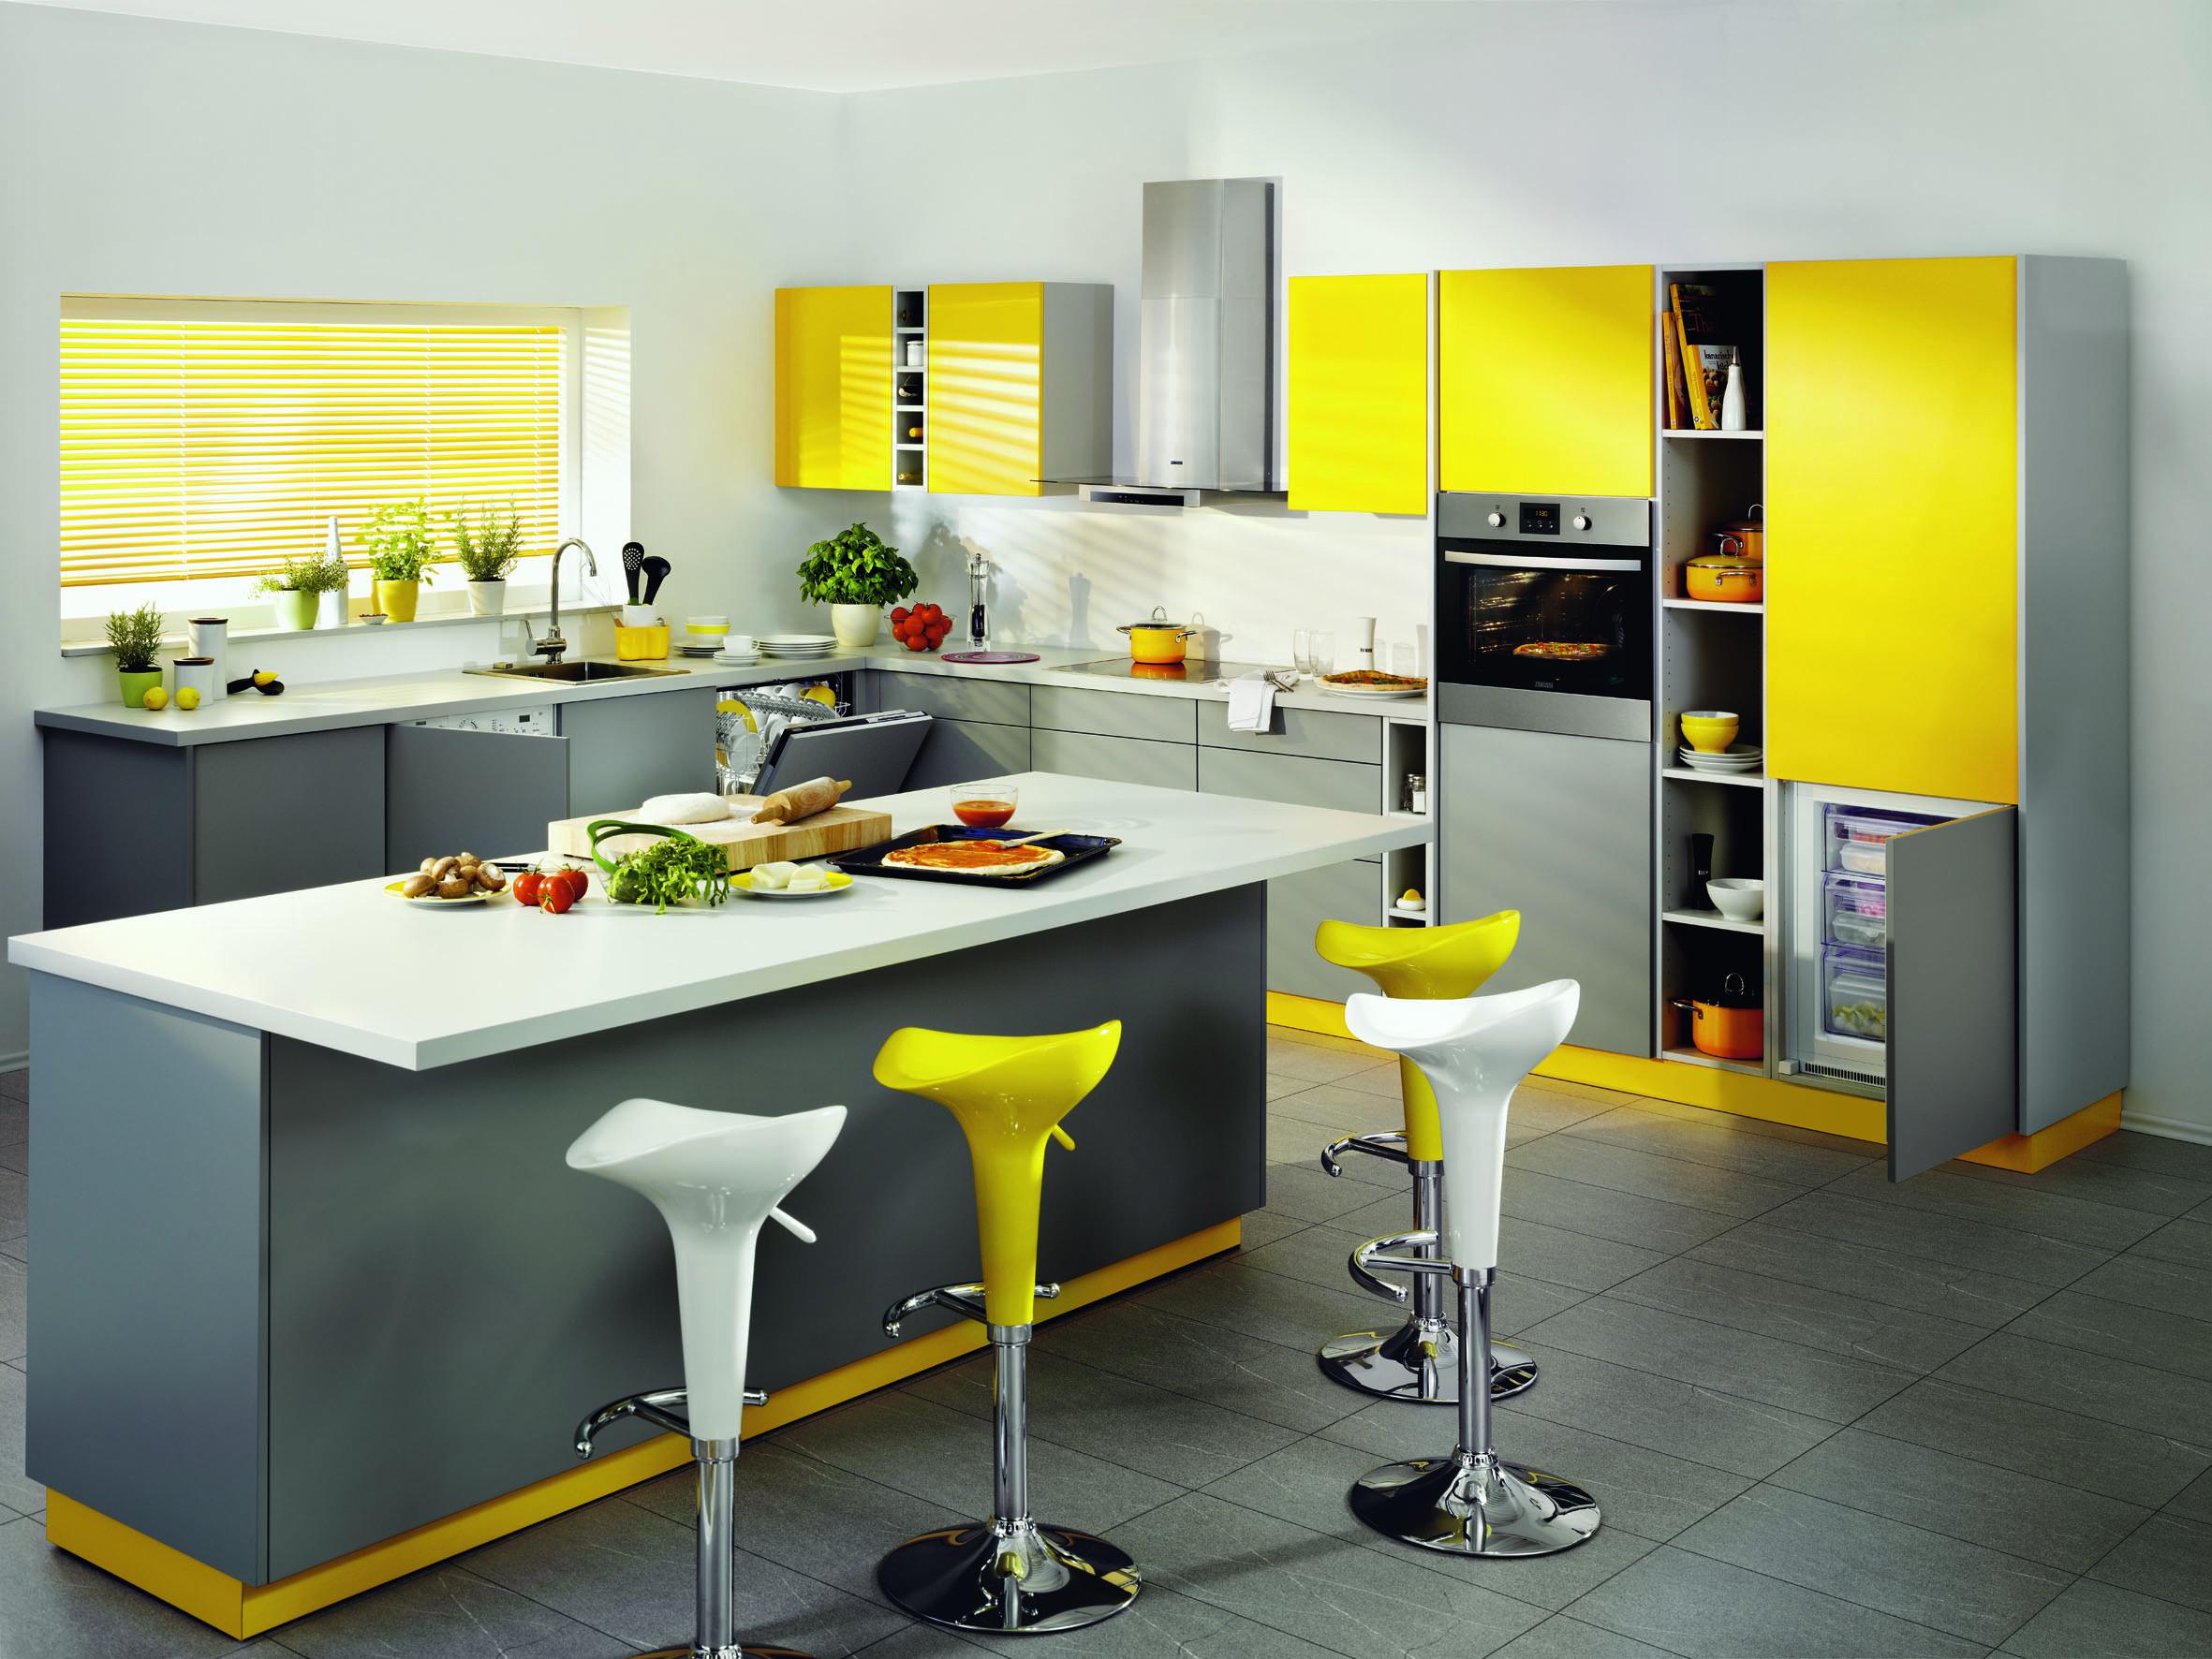 Какие цвета сочетаются с желтым на кухне